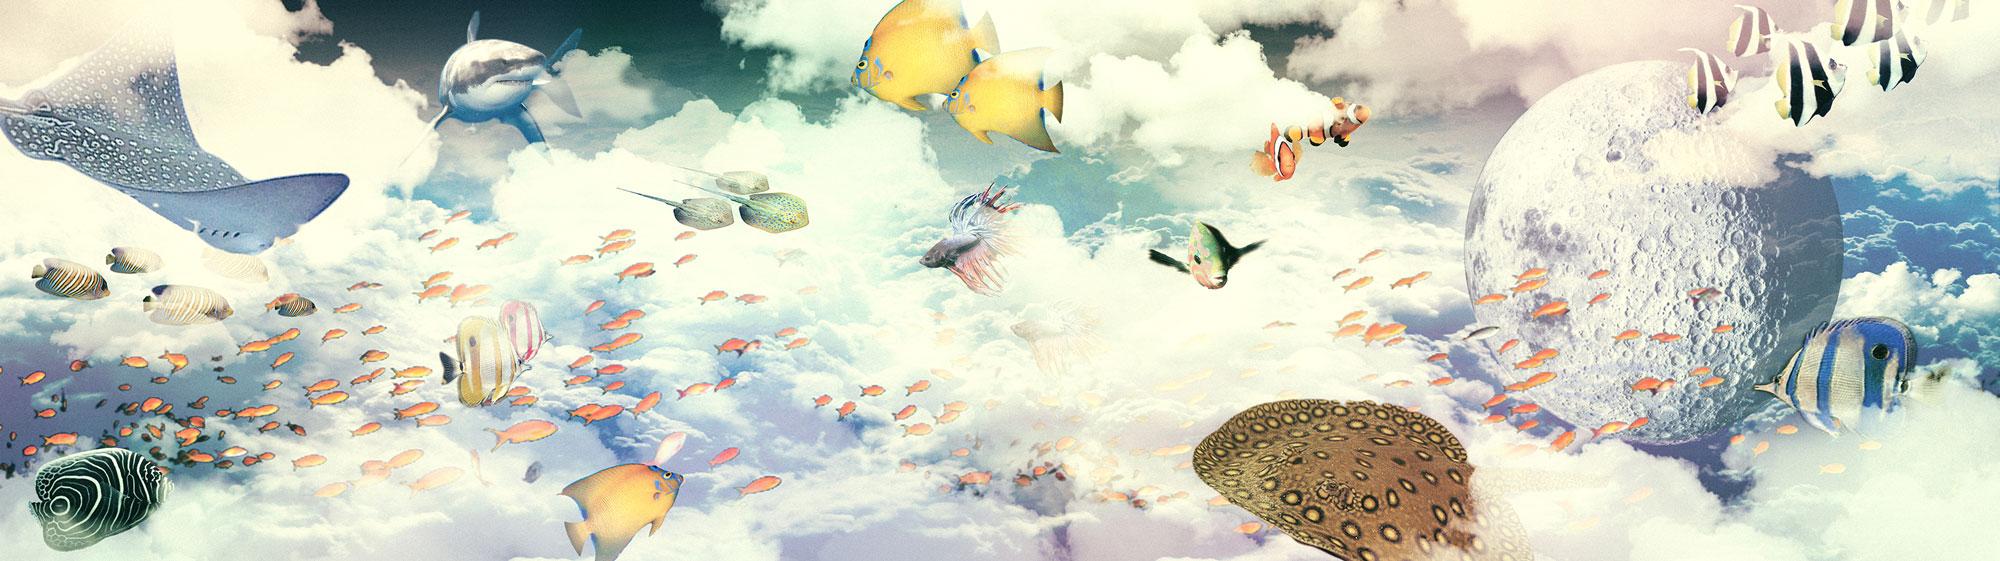 nuotando nell'aria scenografia